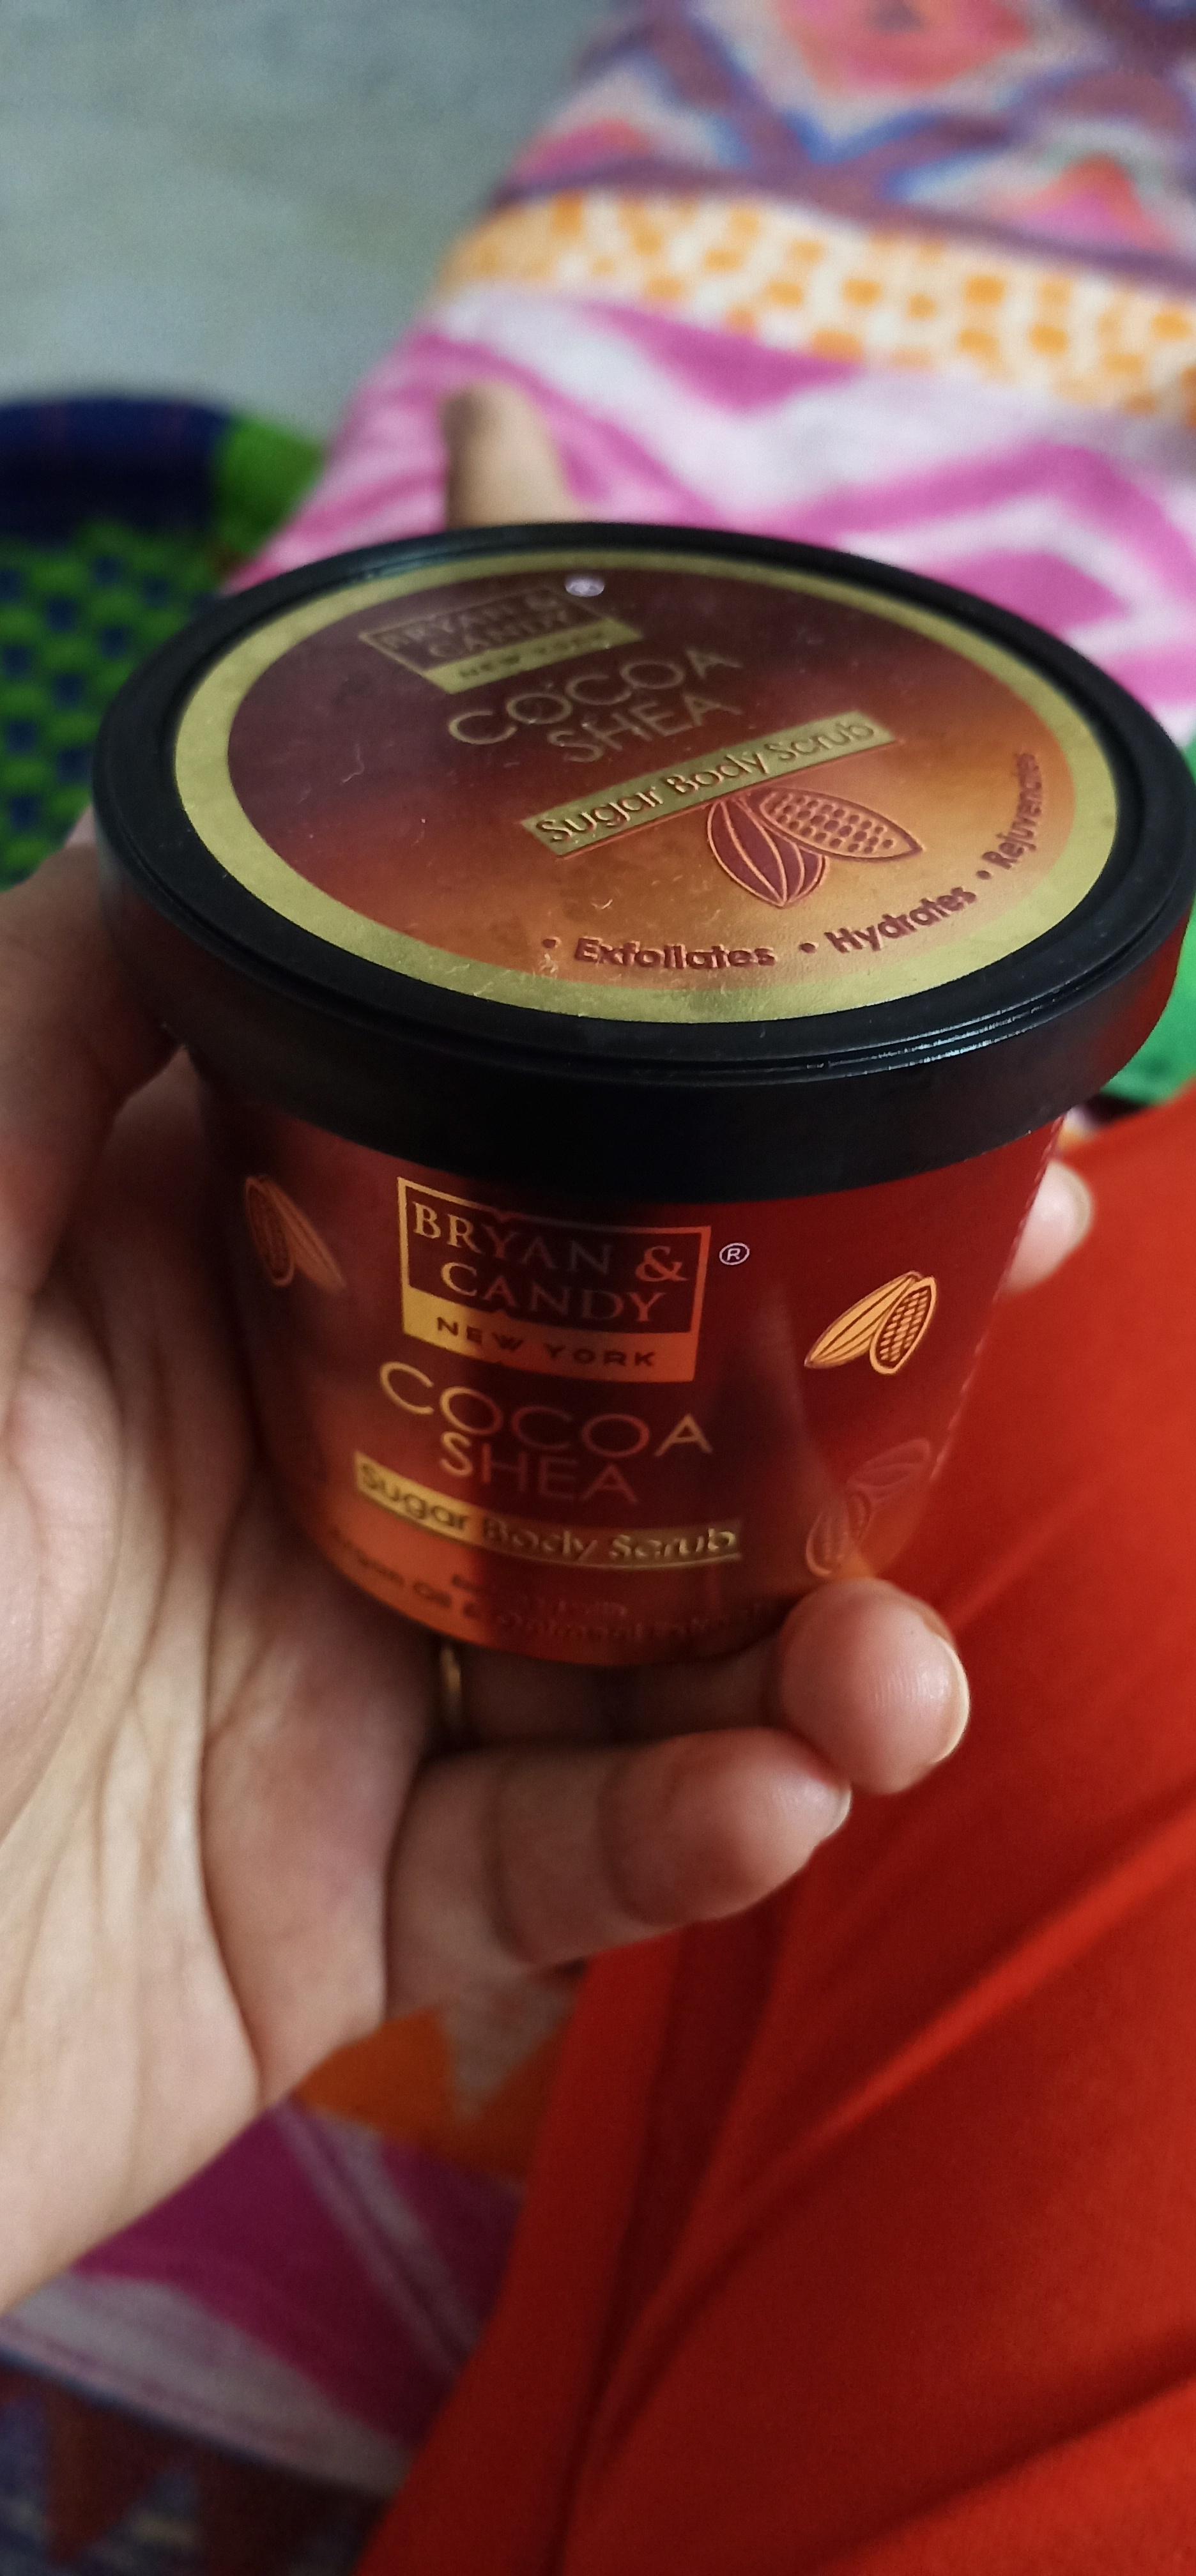 Bryan & Candy New York Cocoa Shea Sugar Body Scrub-Best Body Scrub I have Used so far-By aanchal_agarwal